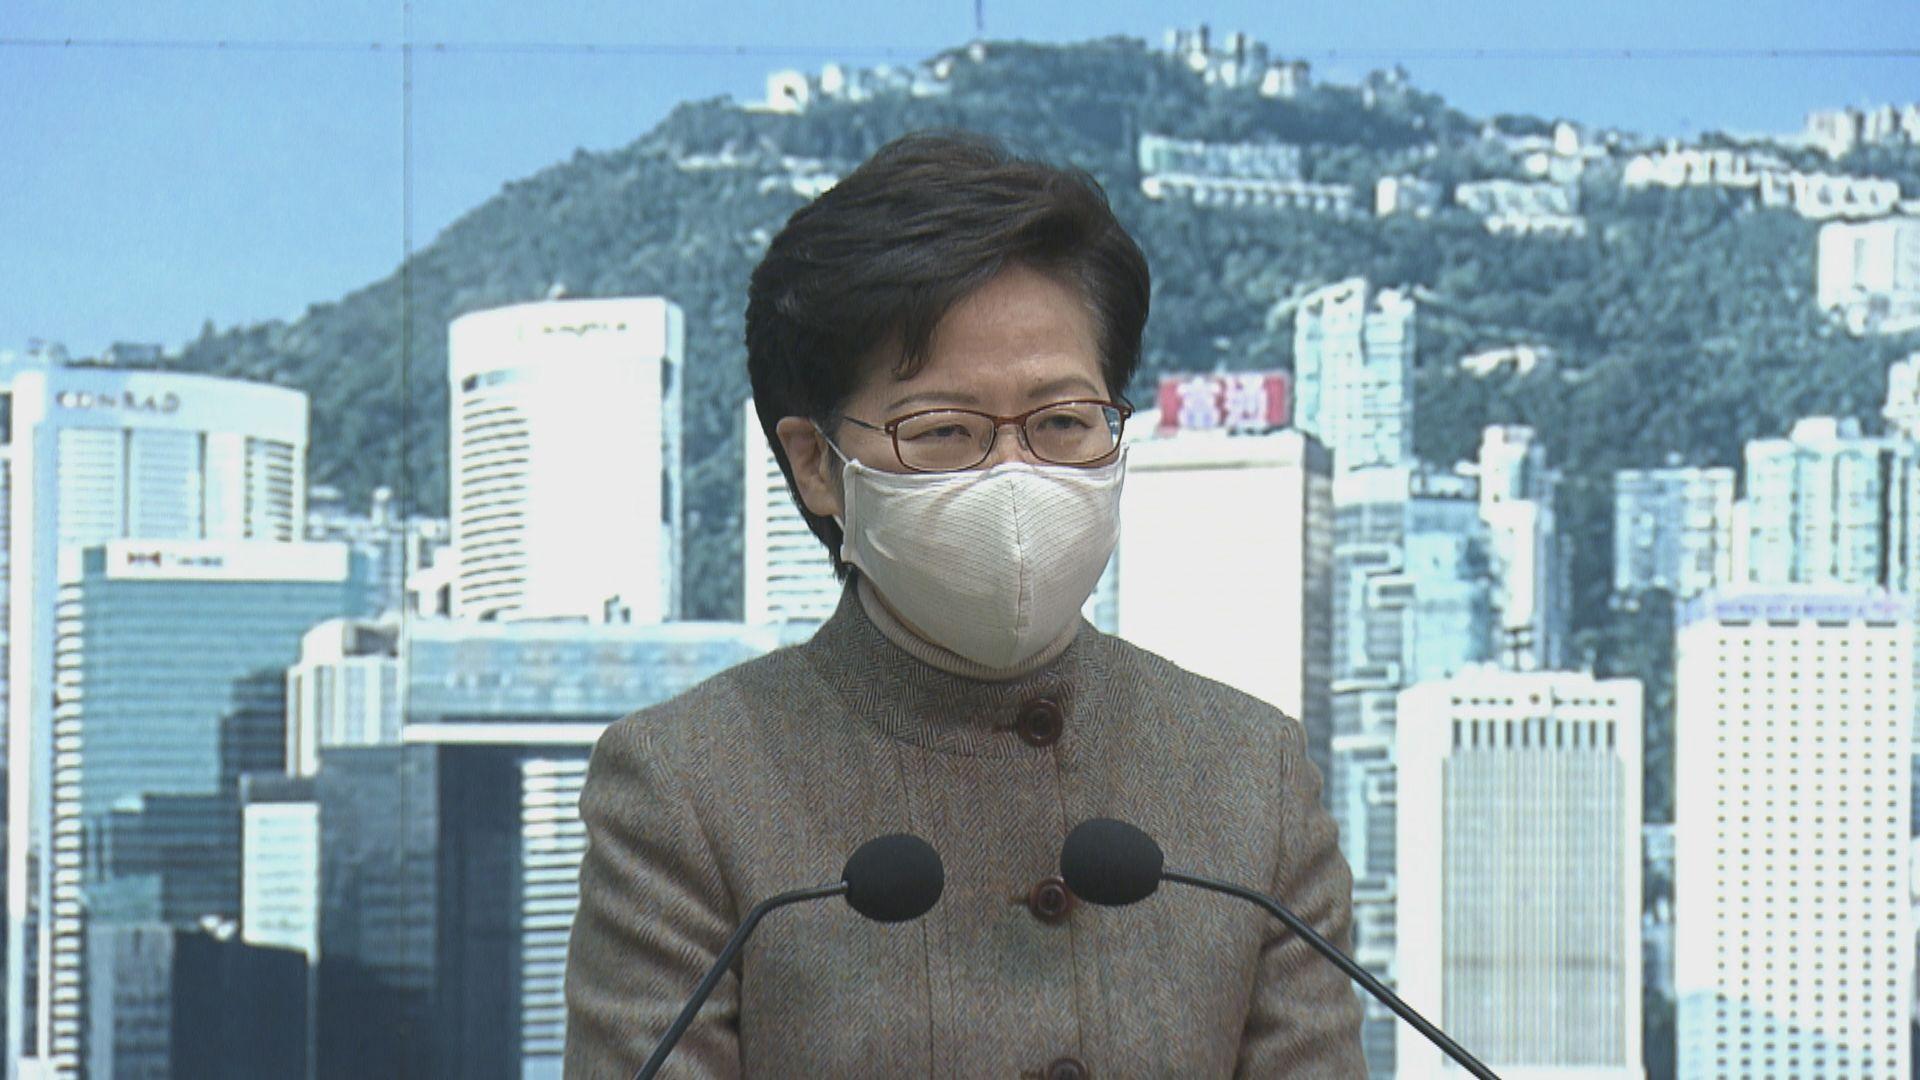 【最新】林鄭:行會未有討論處理有關BNO問題